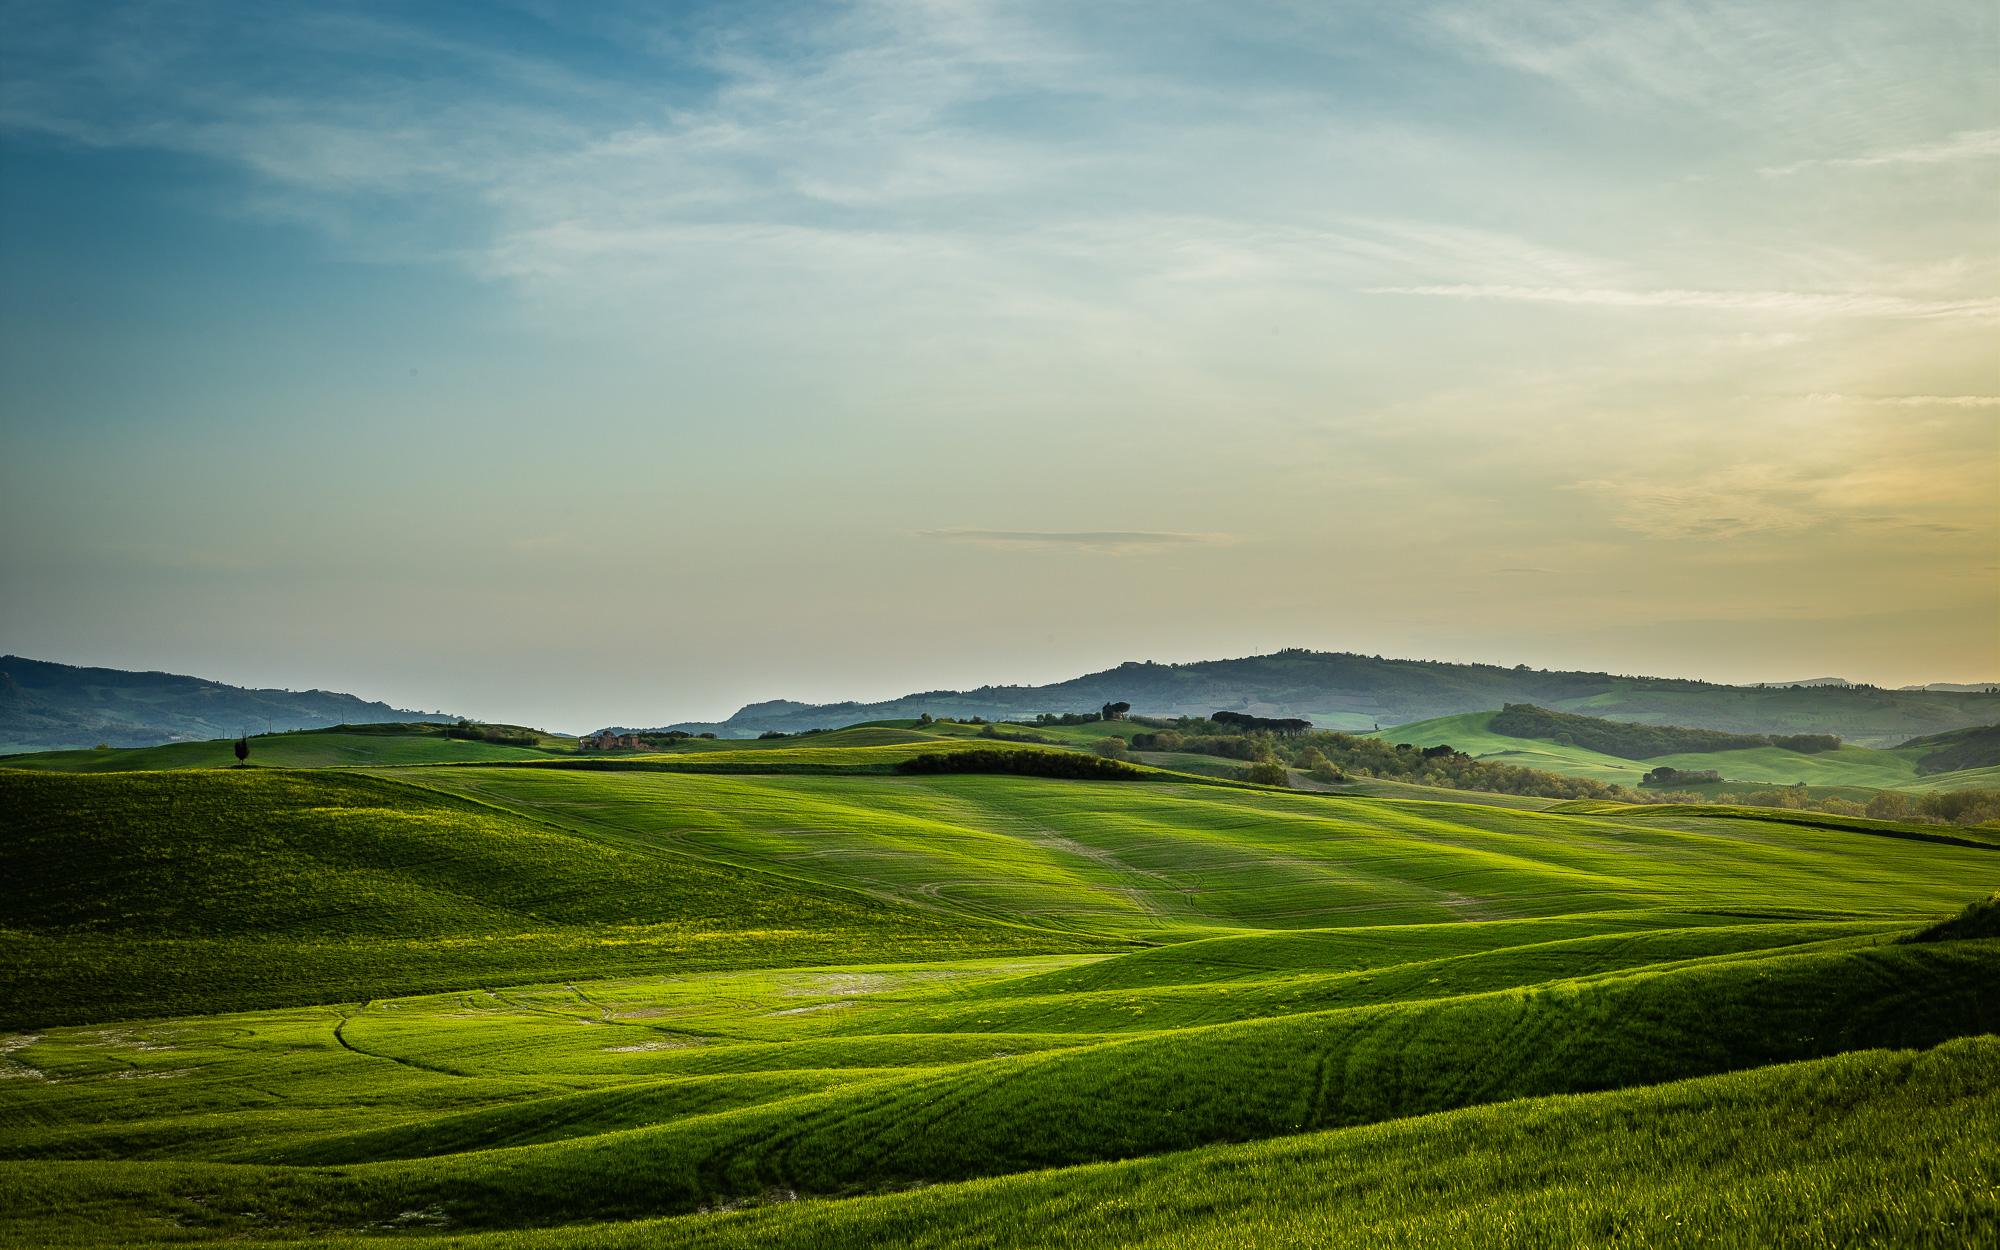 tuscany-1-6